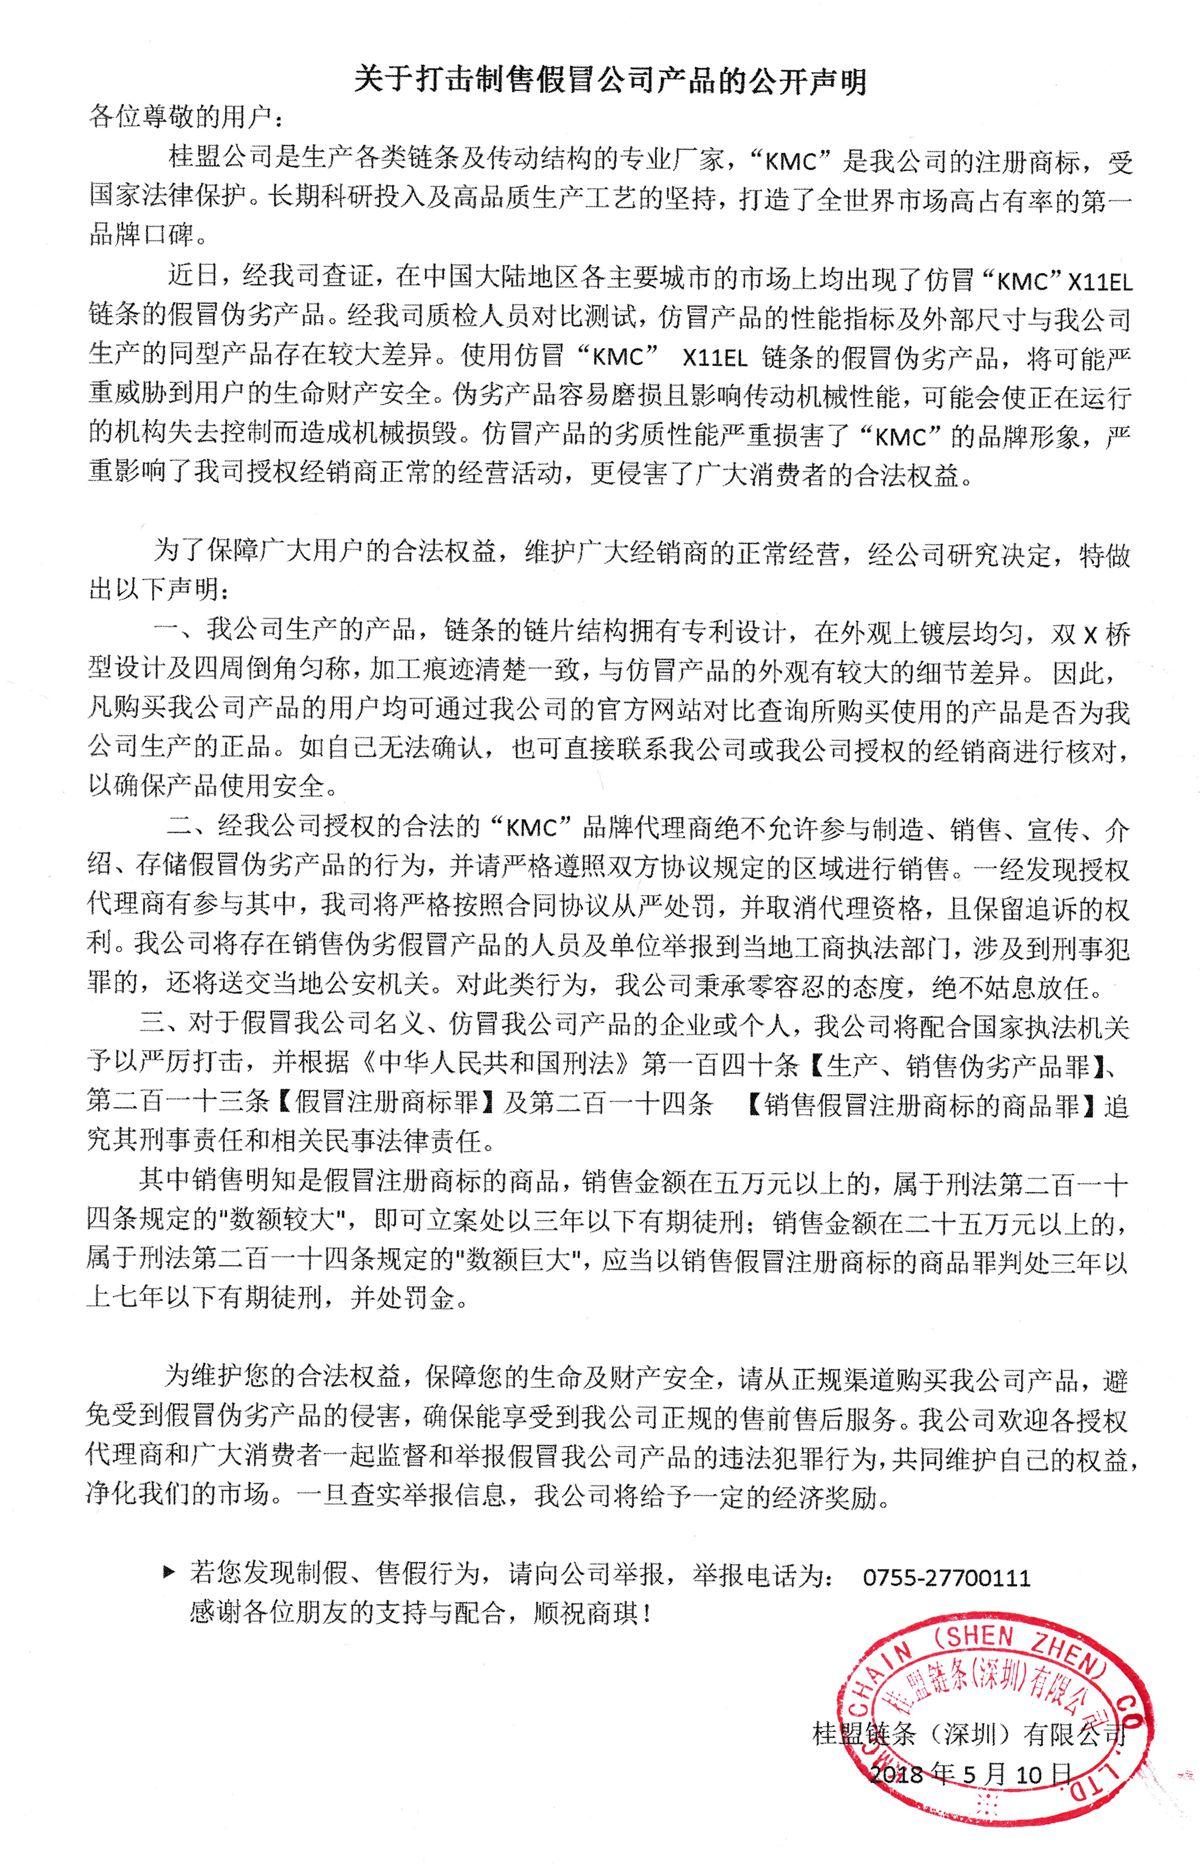 关于KMC X11EL仿冒品公开声明.jpg